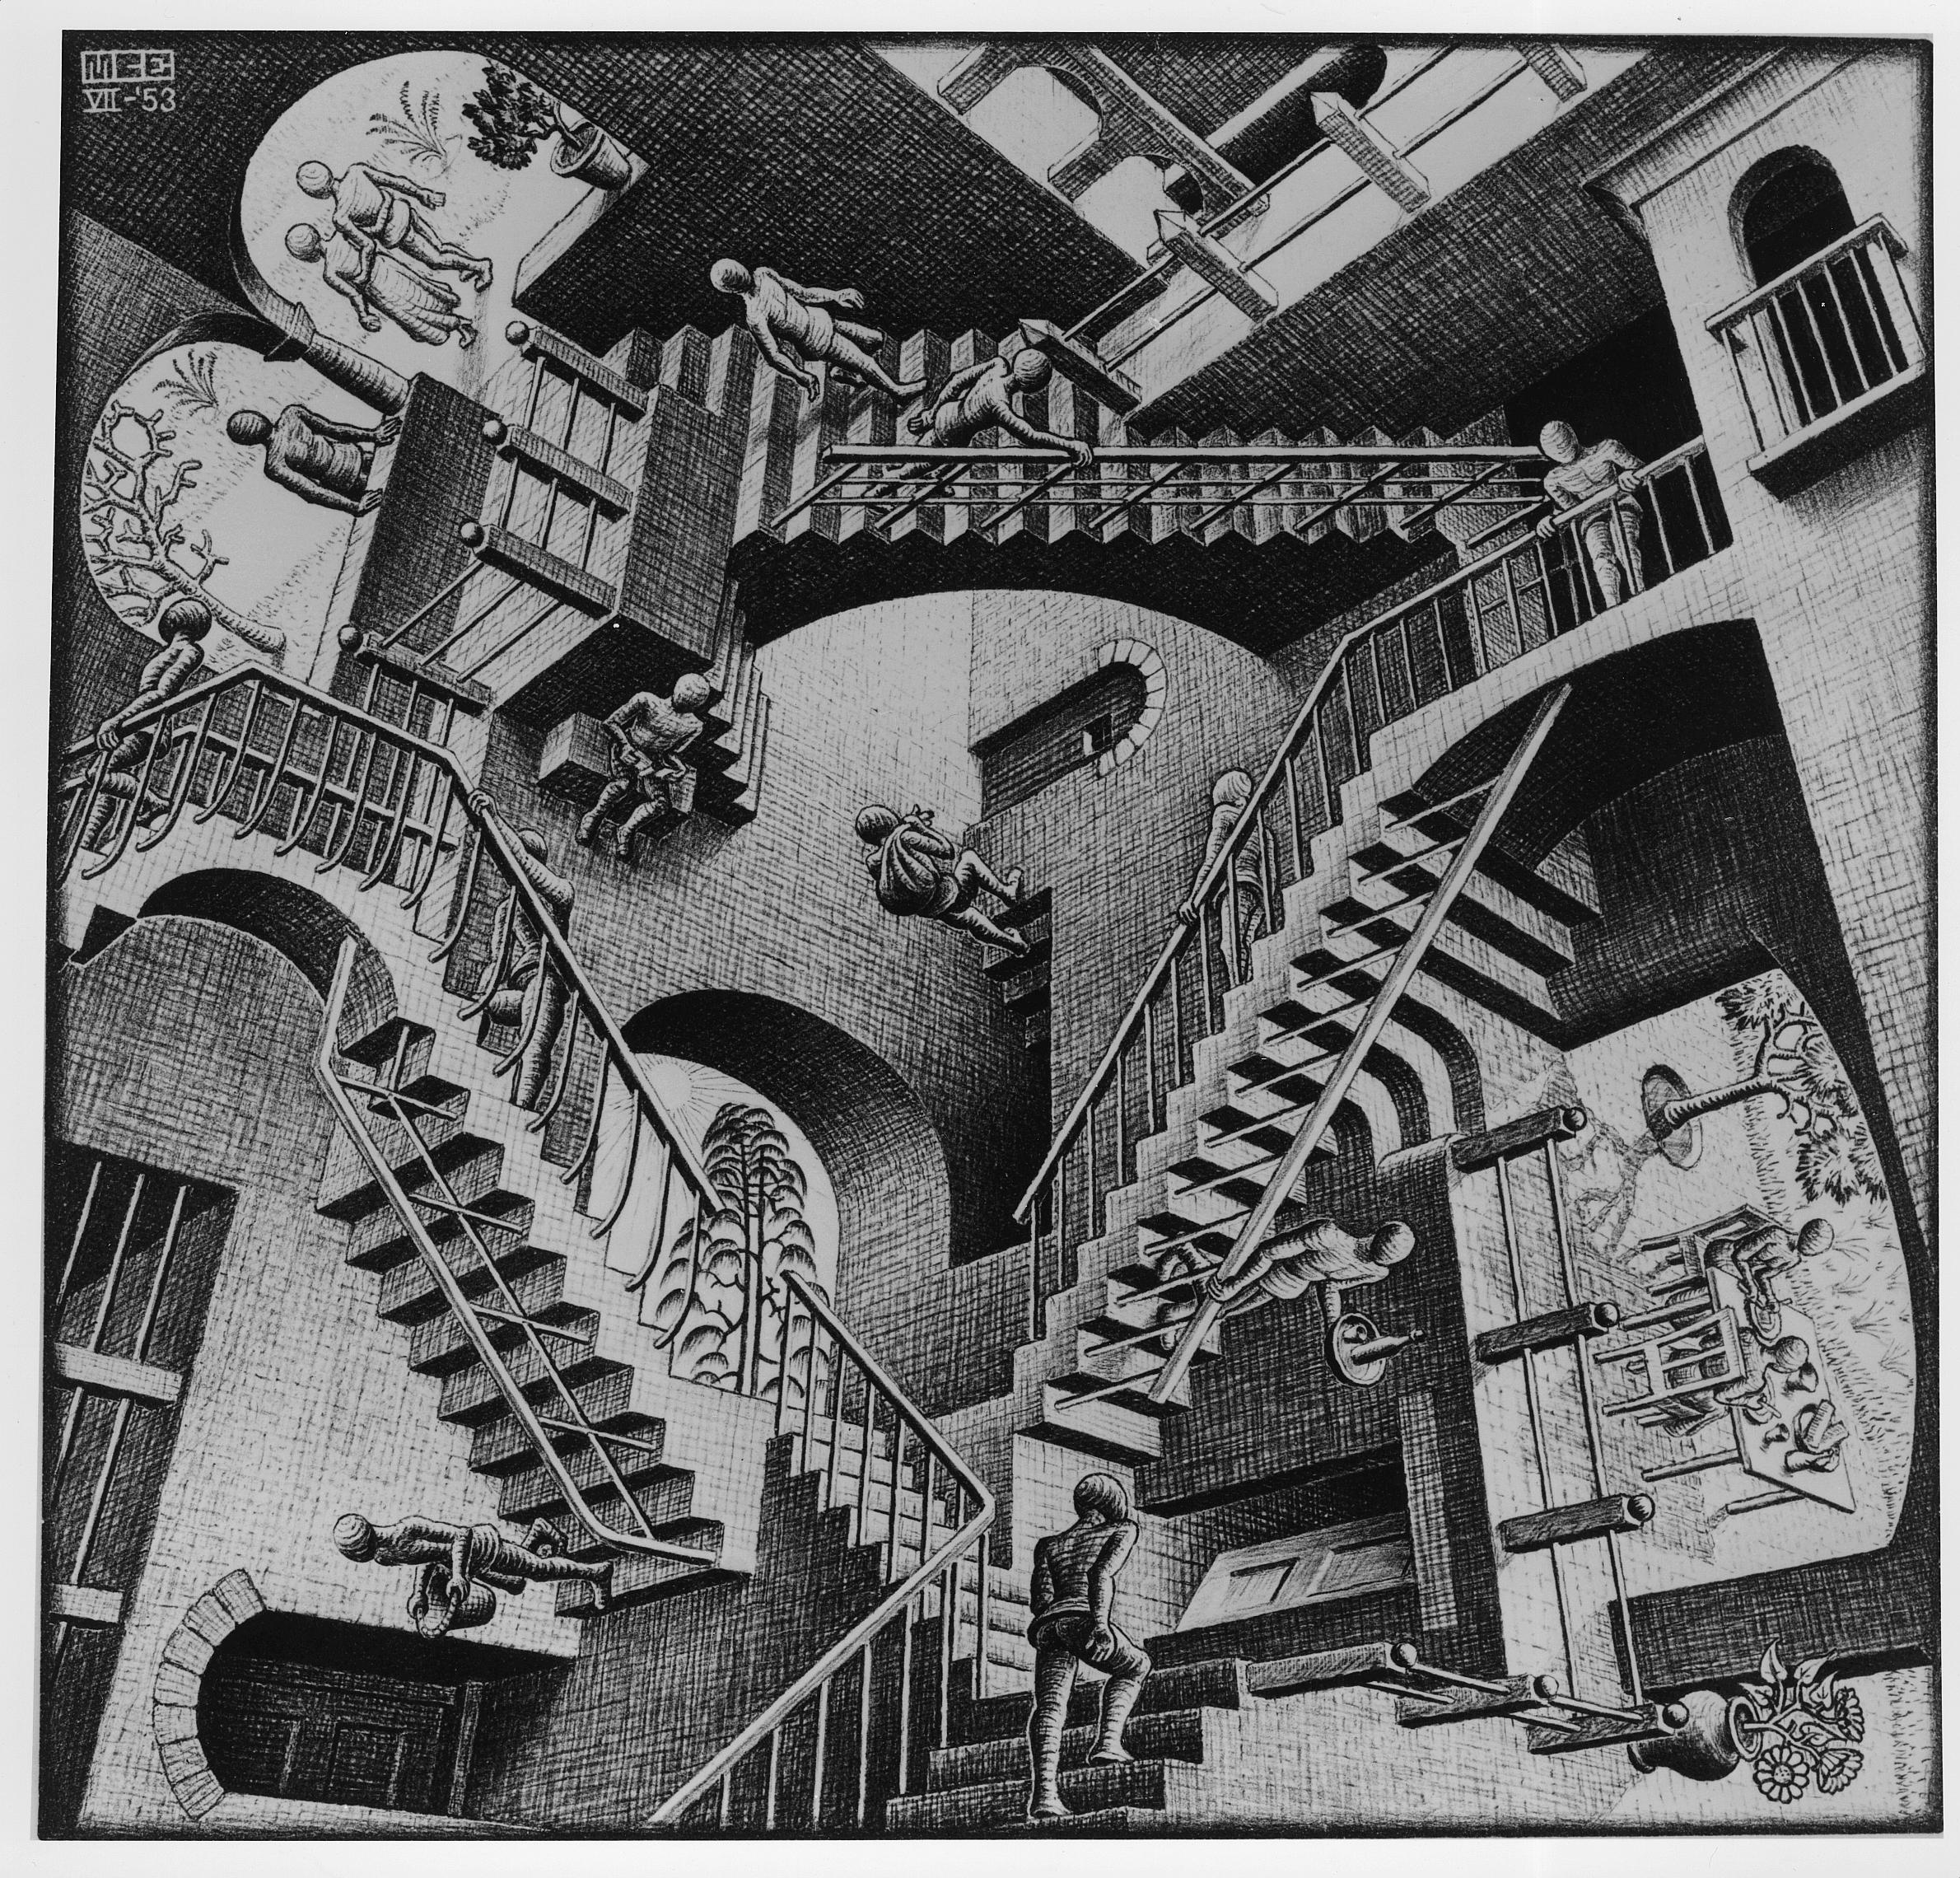 Escher+-+Relativity.jpg